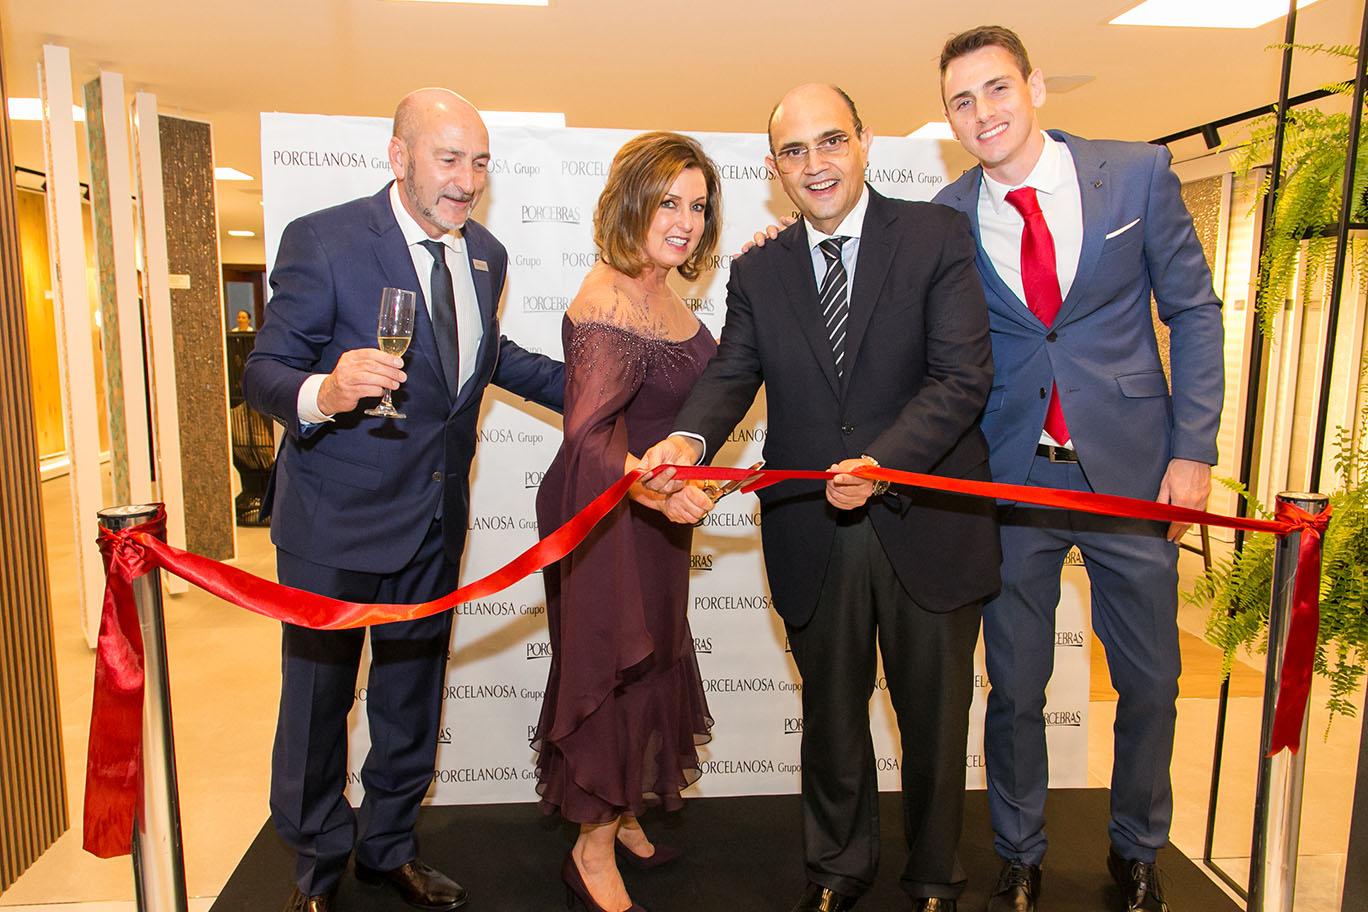 Grupo espanhol Porcelanosa inaugura em Curitiba seu primeiro showroom no Brasil, com jantar luxuoso